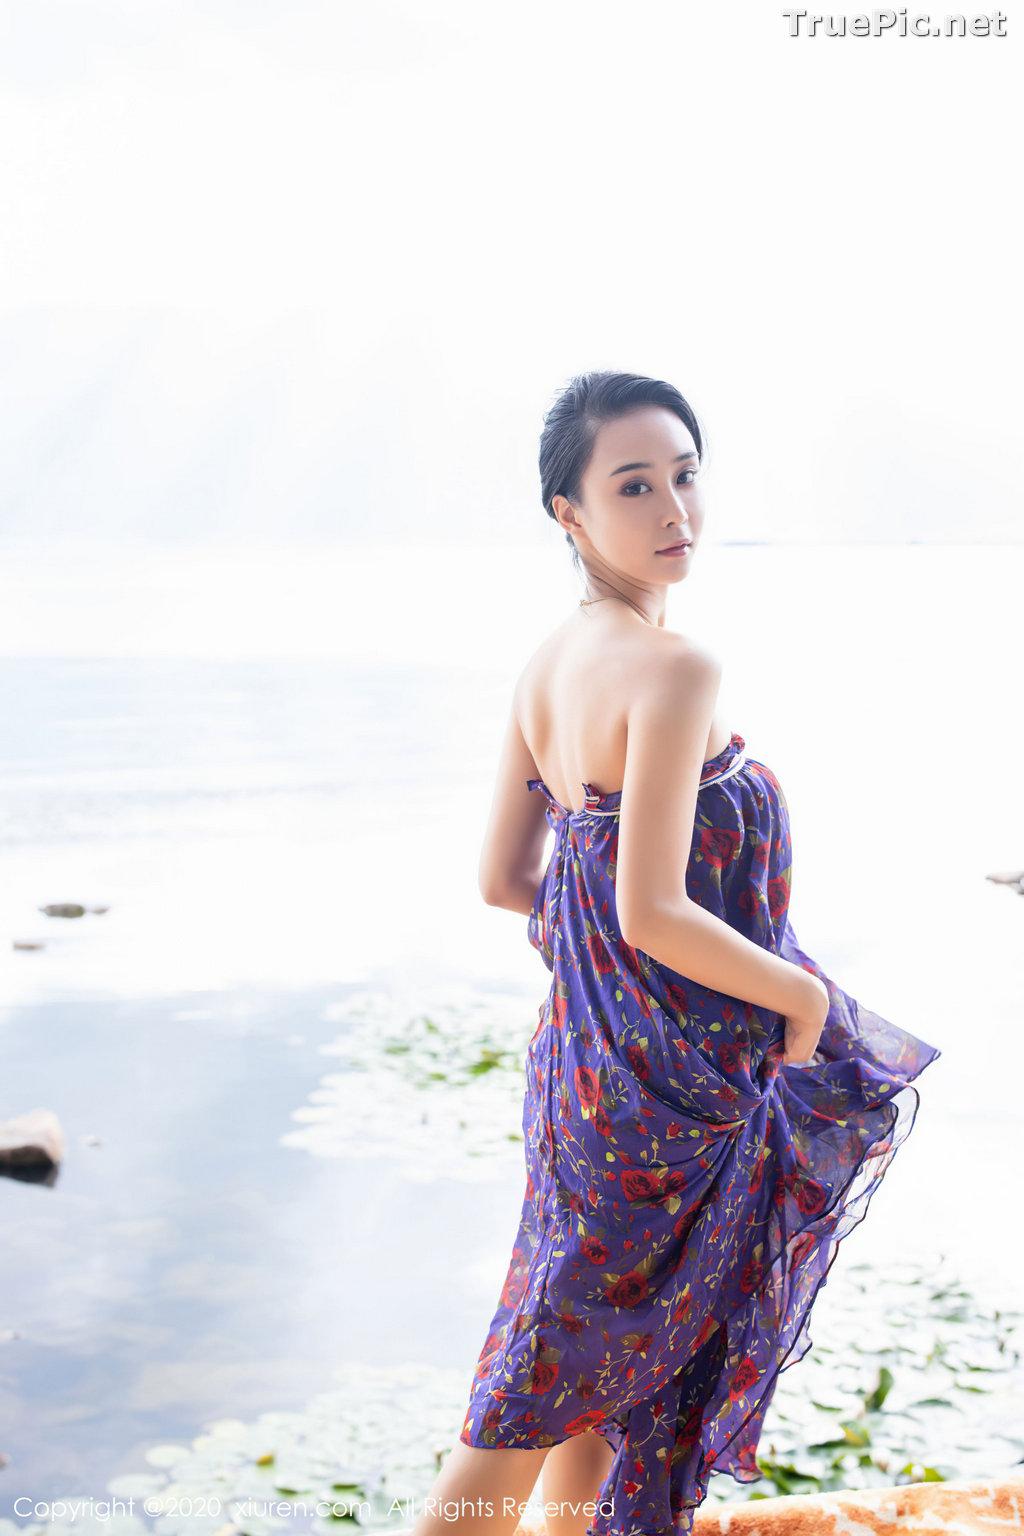 Image XIUREN No.2544 - Chinese Model - 蓝夏Akasha - Purple Queen - TruePic.net - Picture-32